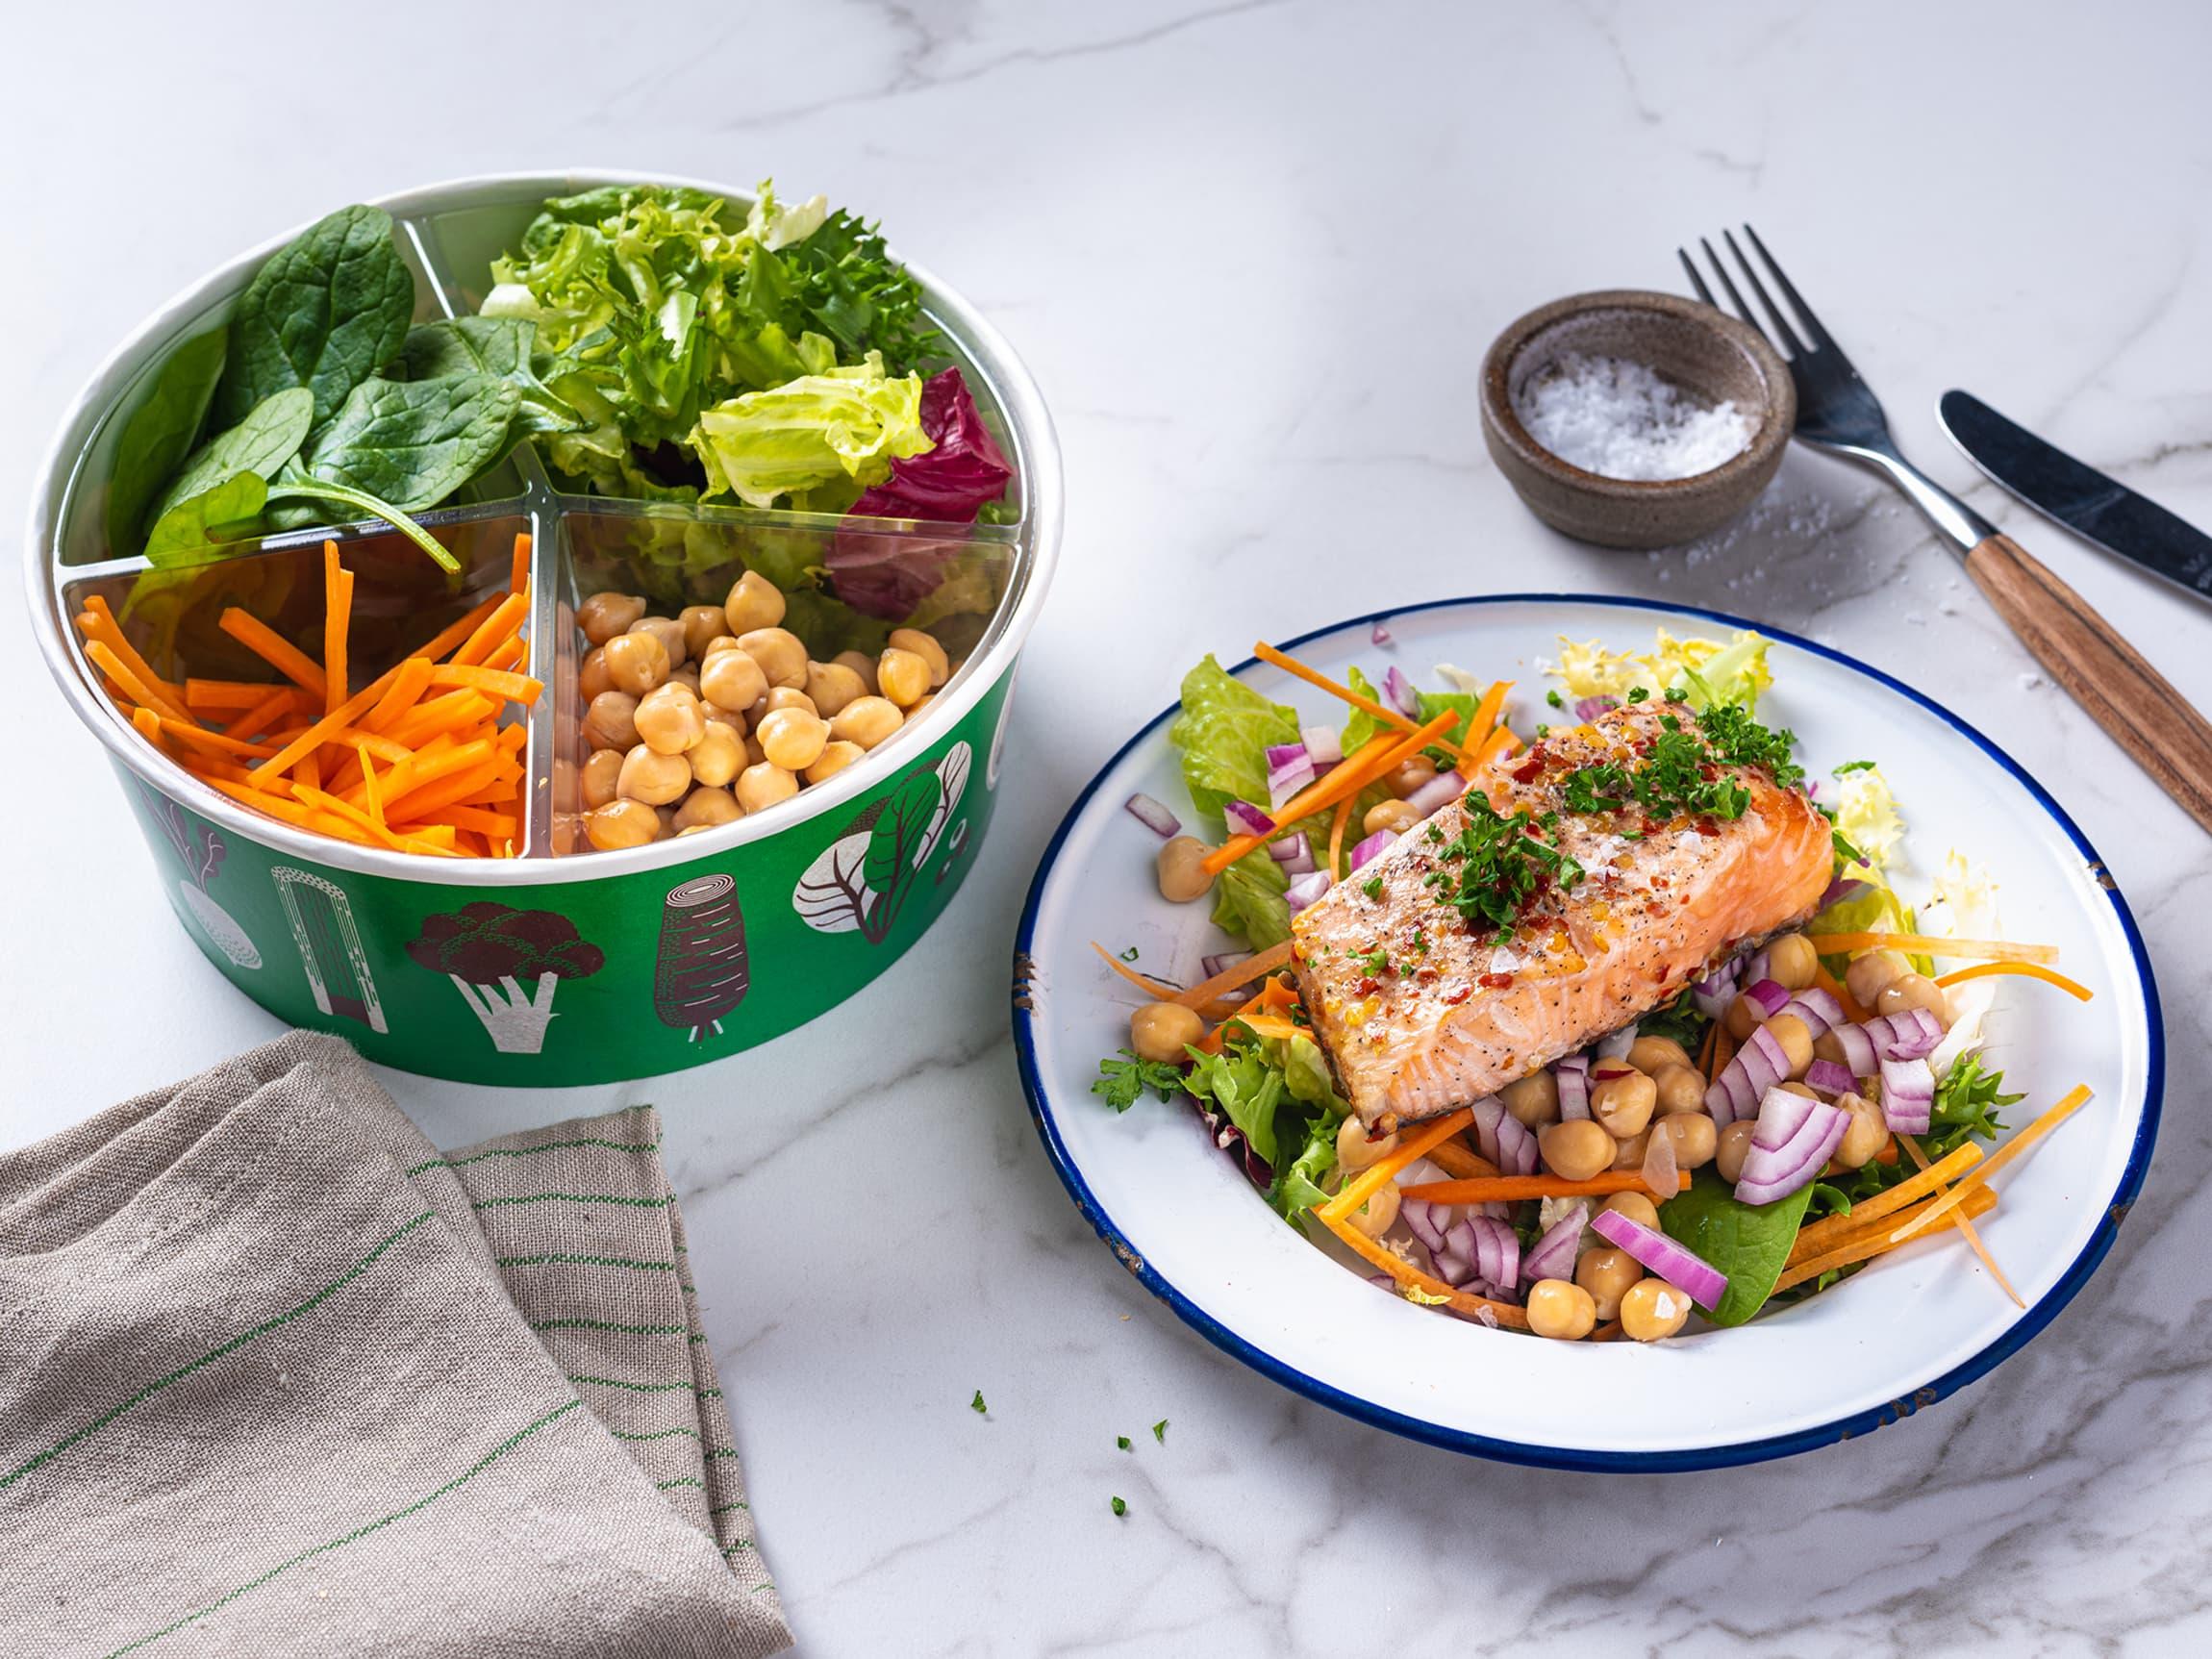 Kjapp middag på null komma niks. Det eneste du må gjøre er å steke fisken i ovnen eller stekepannen - resten er klart til servering!